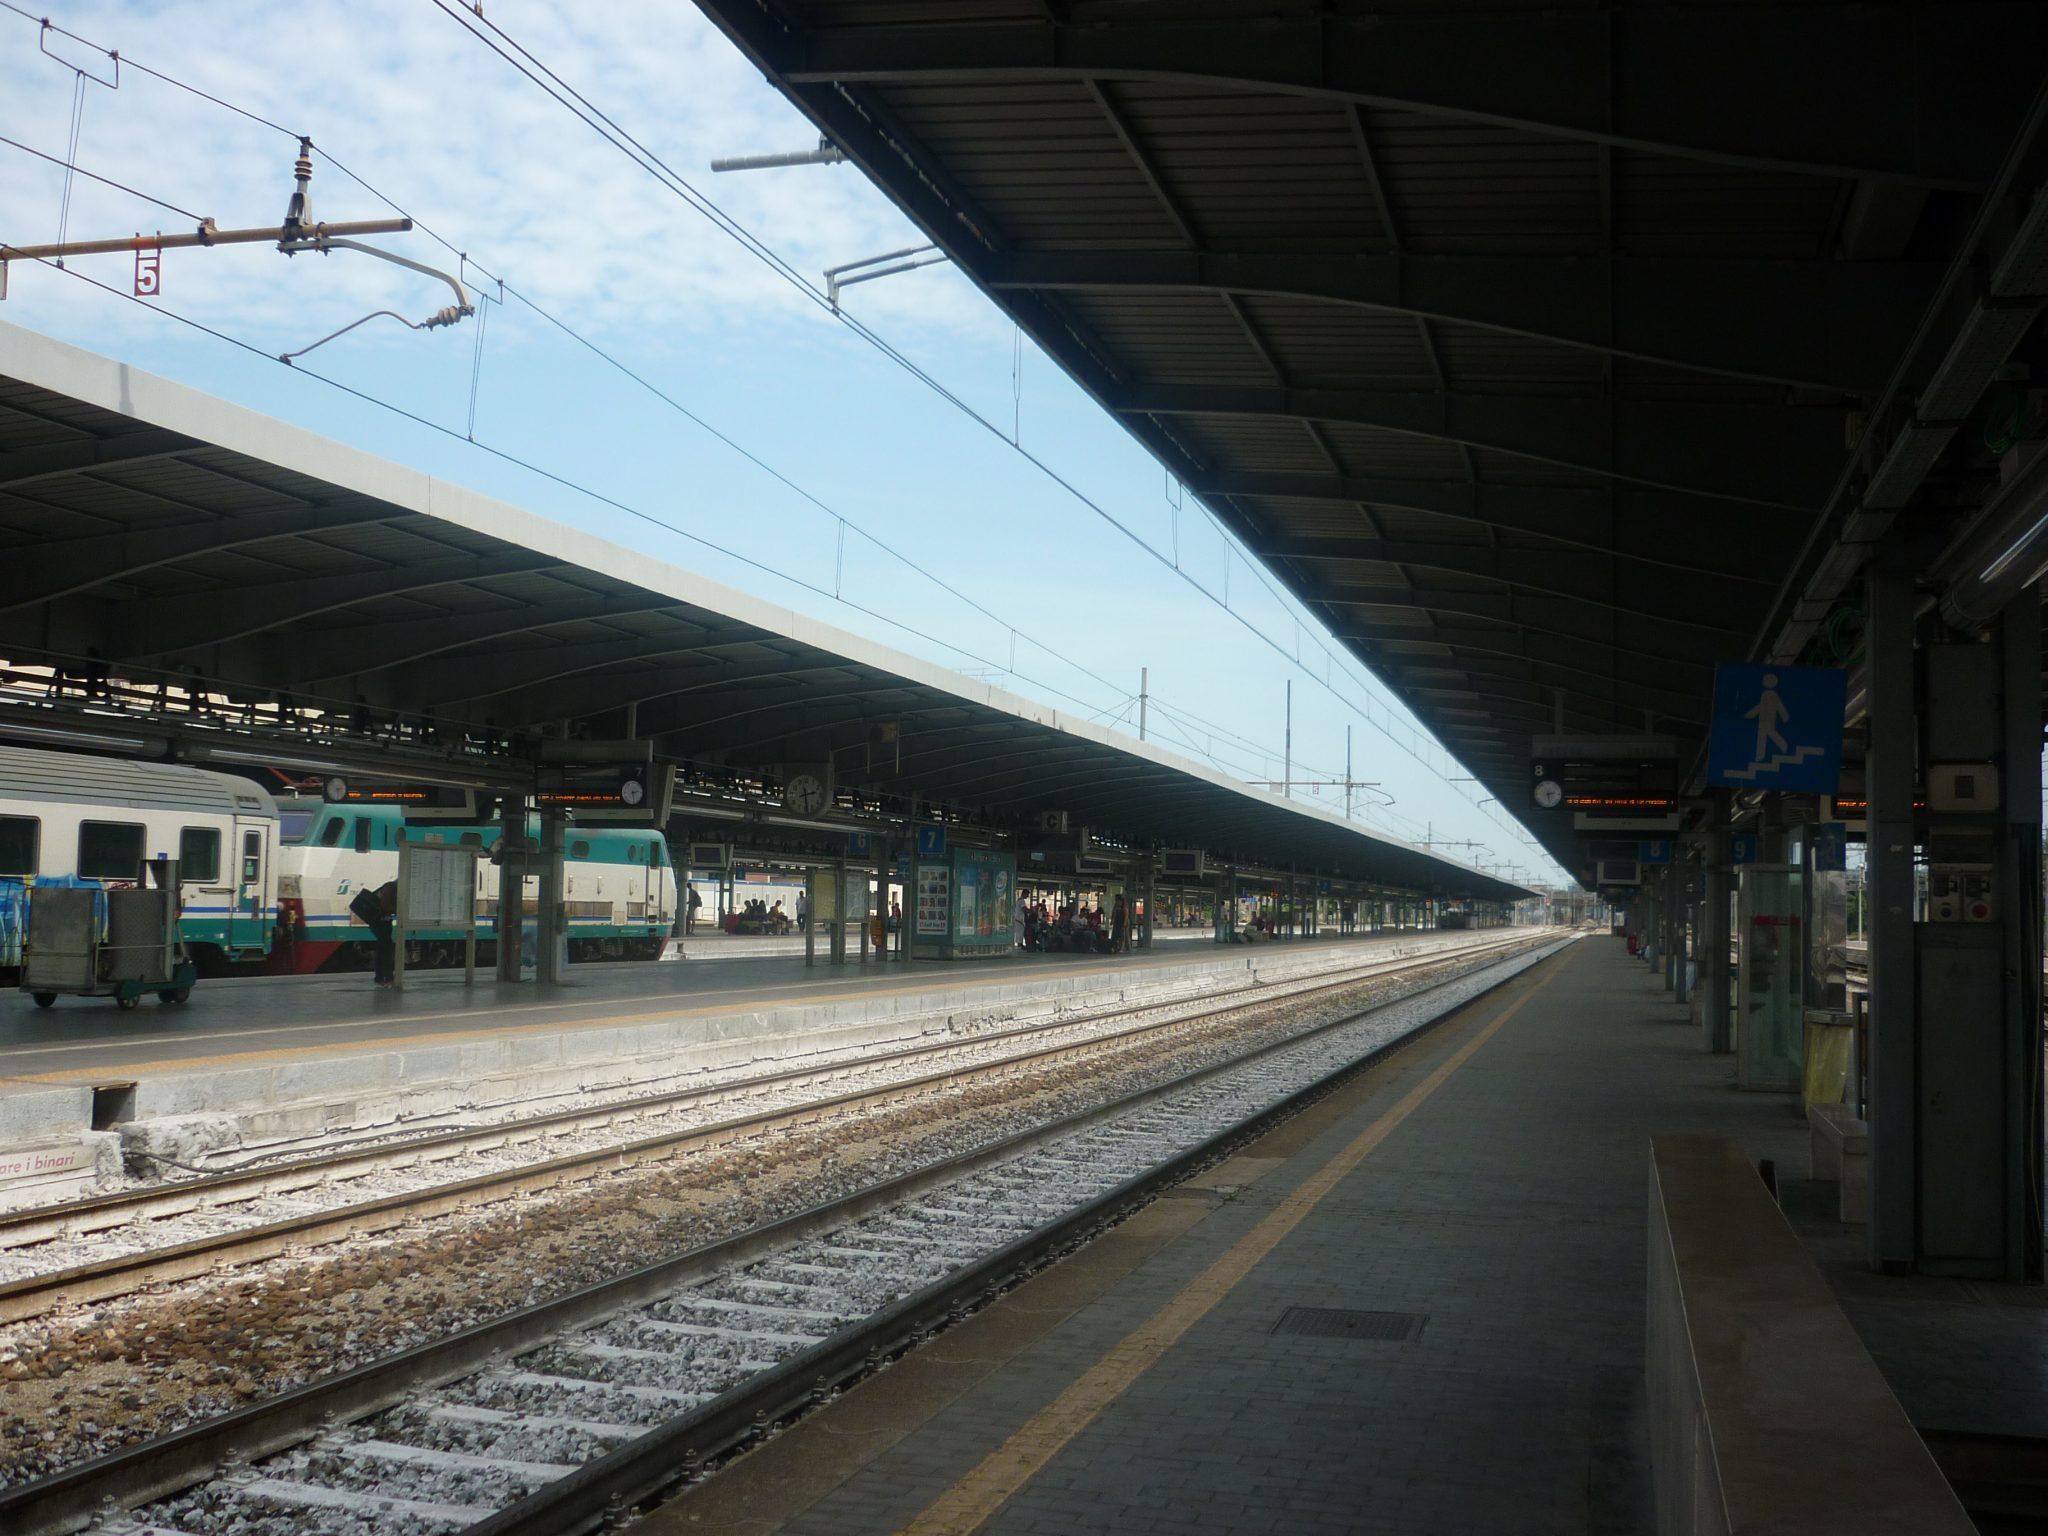 Stazione dei treni di Mestre